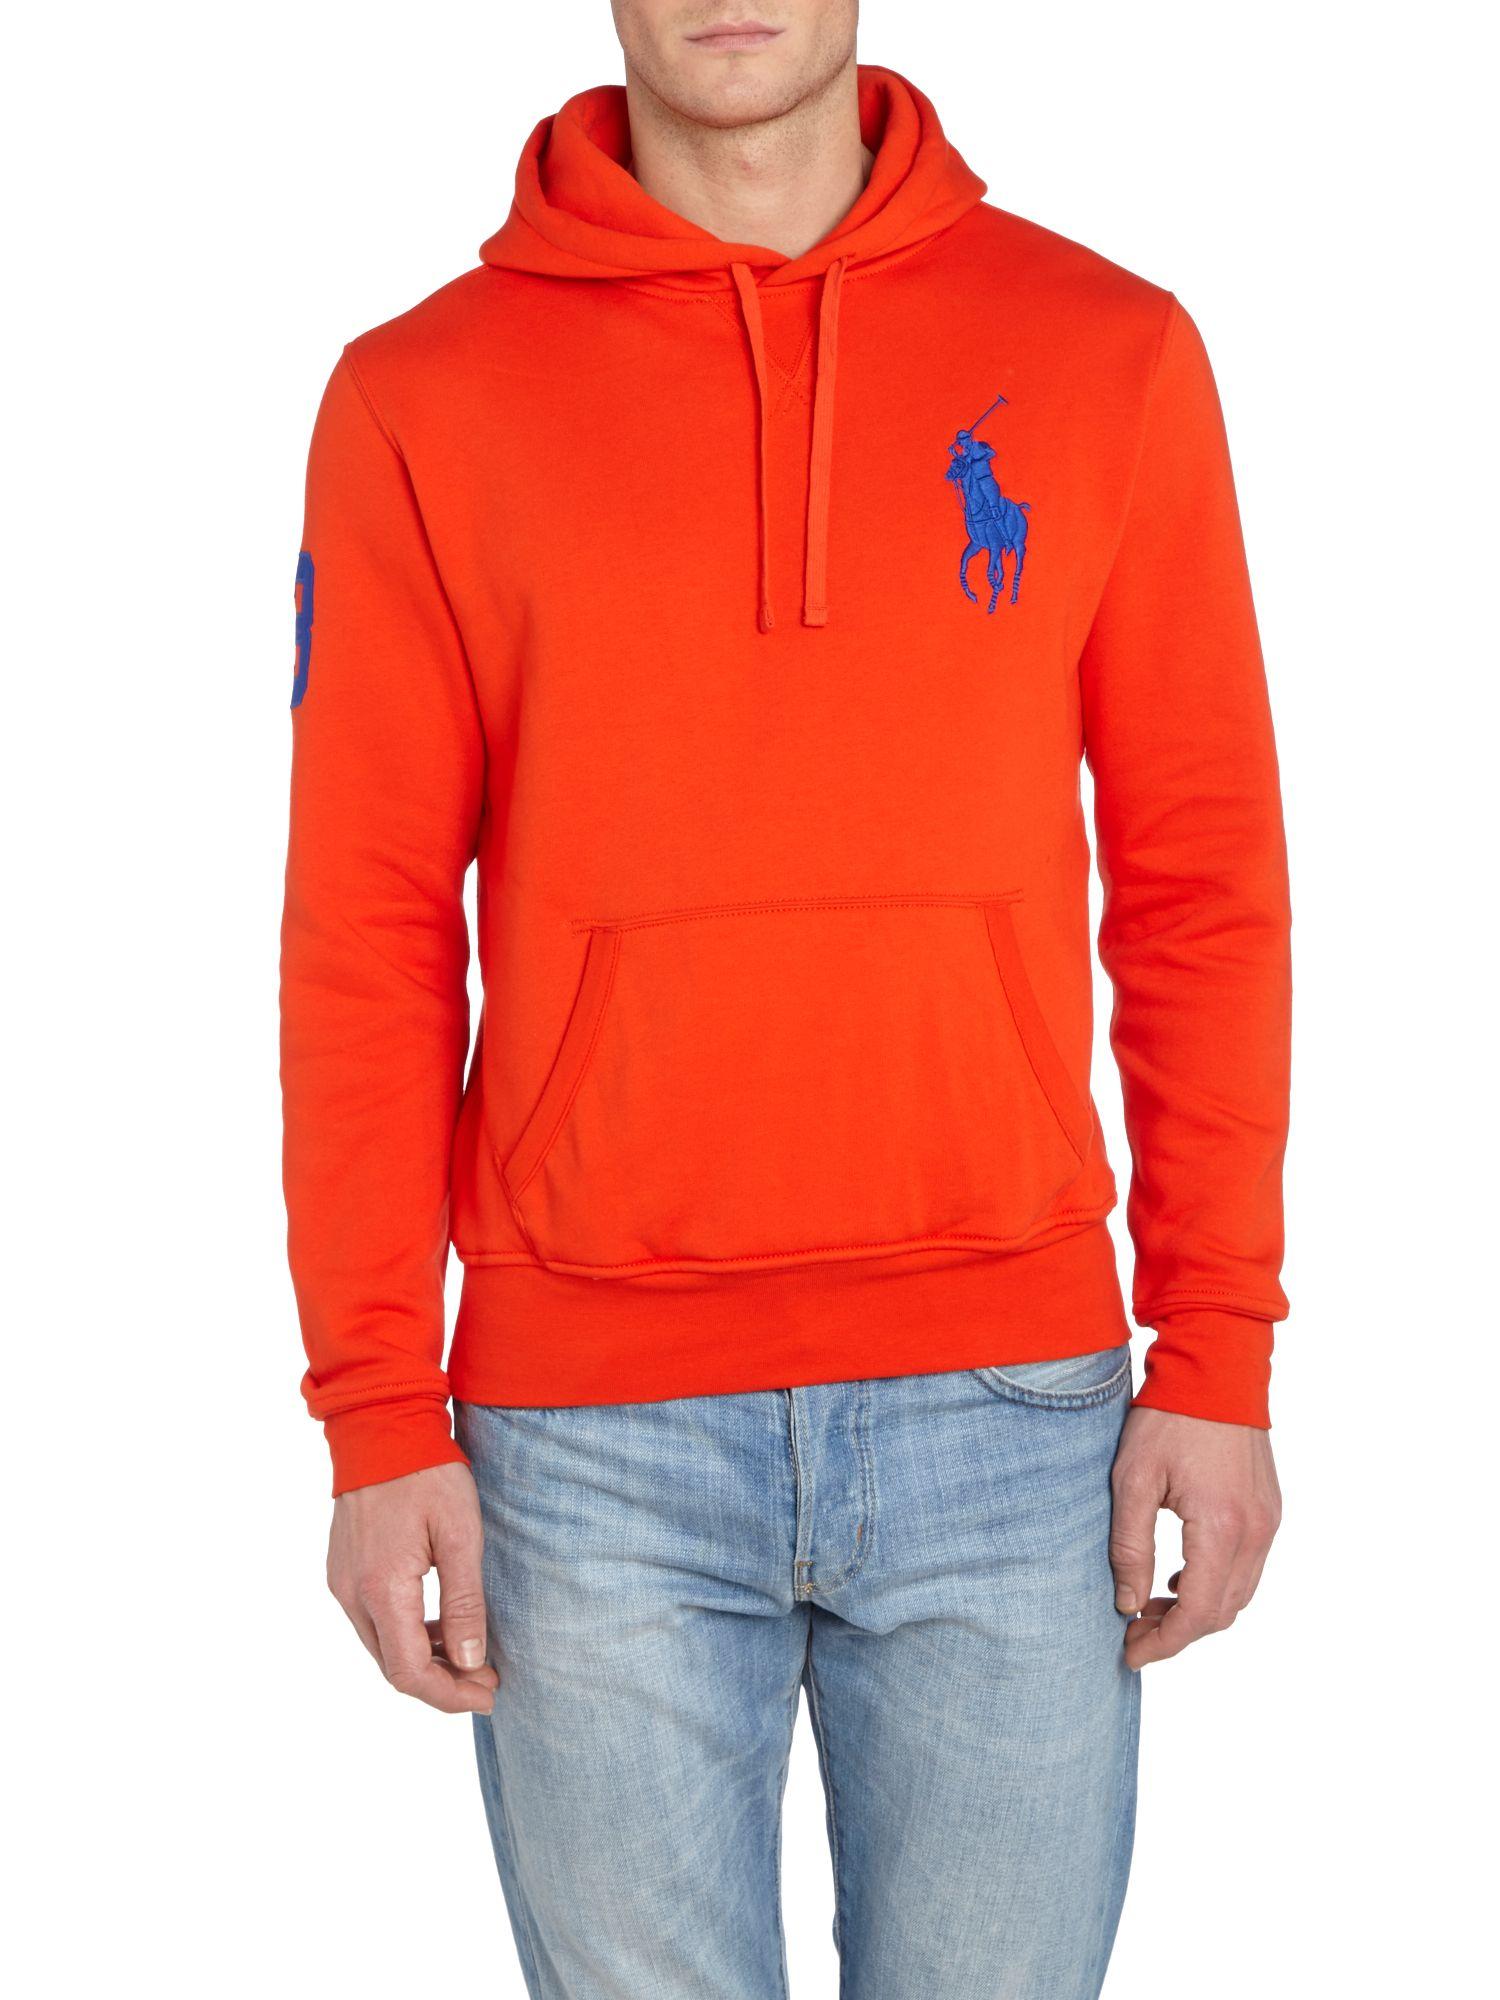 Polo ralph lauren Big Pony Player Fleece Hooded Sweatshirt in Red for Men | Lyst